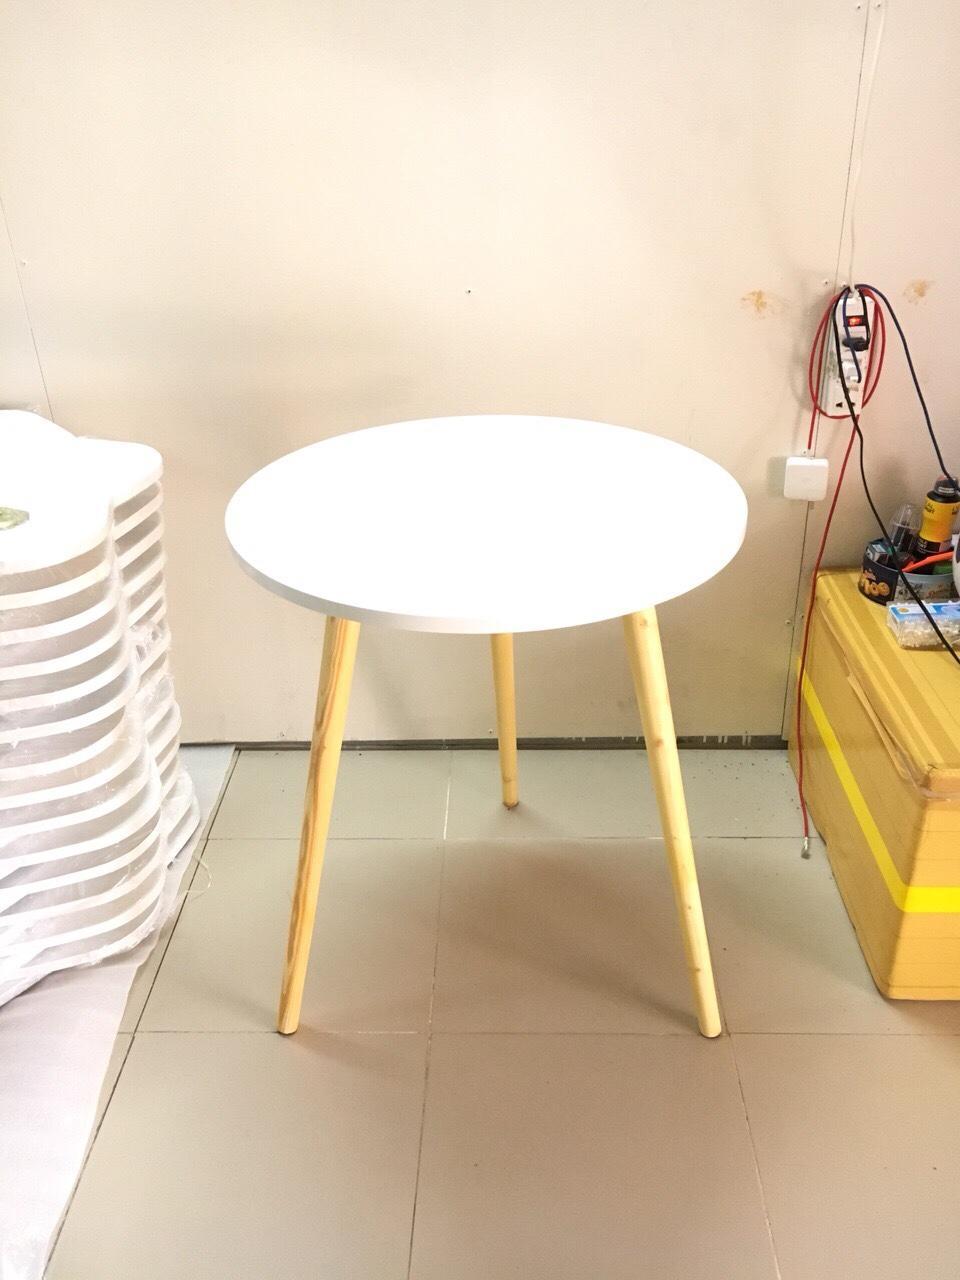 BCF - Bàn cafe tròn trắng 60x72, bàn cà phê, bàn trà